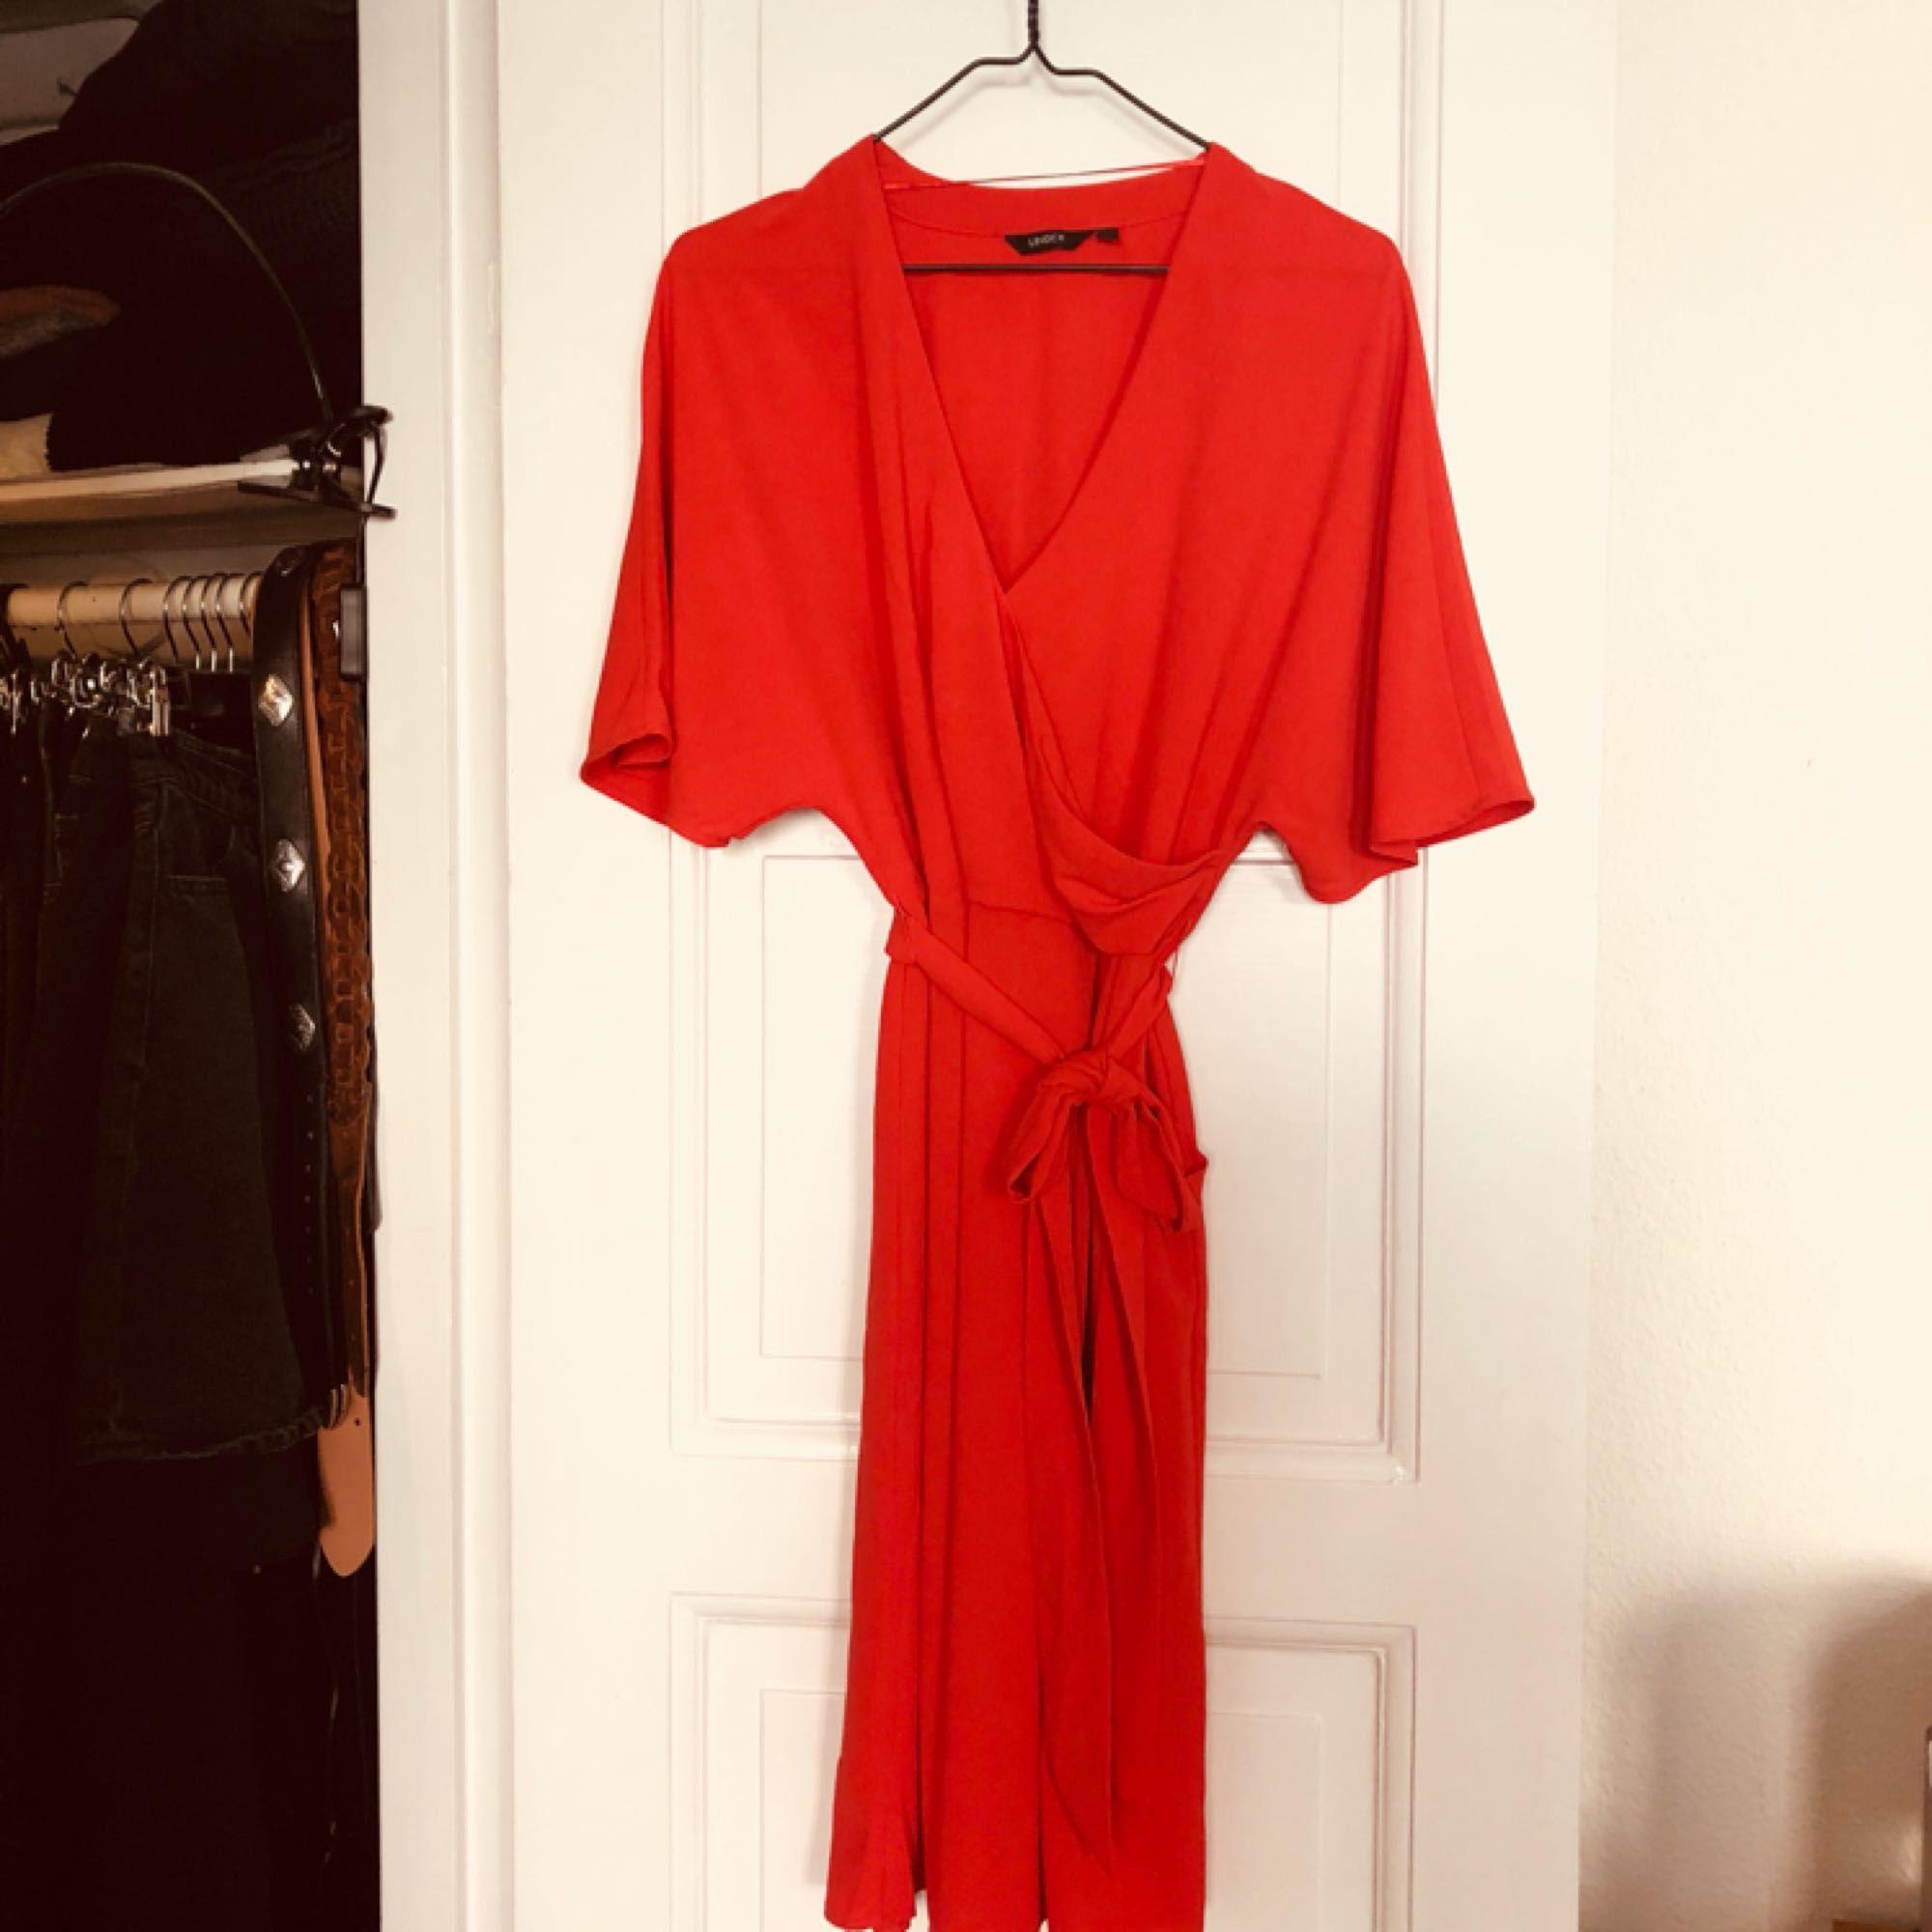 Omlottklänning i en röd orange nyans. Köptes till ett bröllop men aldrig  använd! 3f573c5a4a9f0